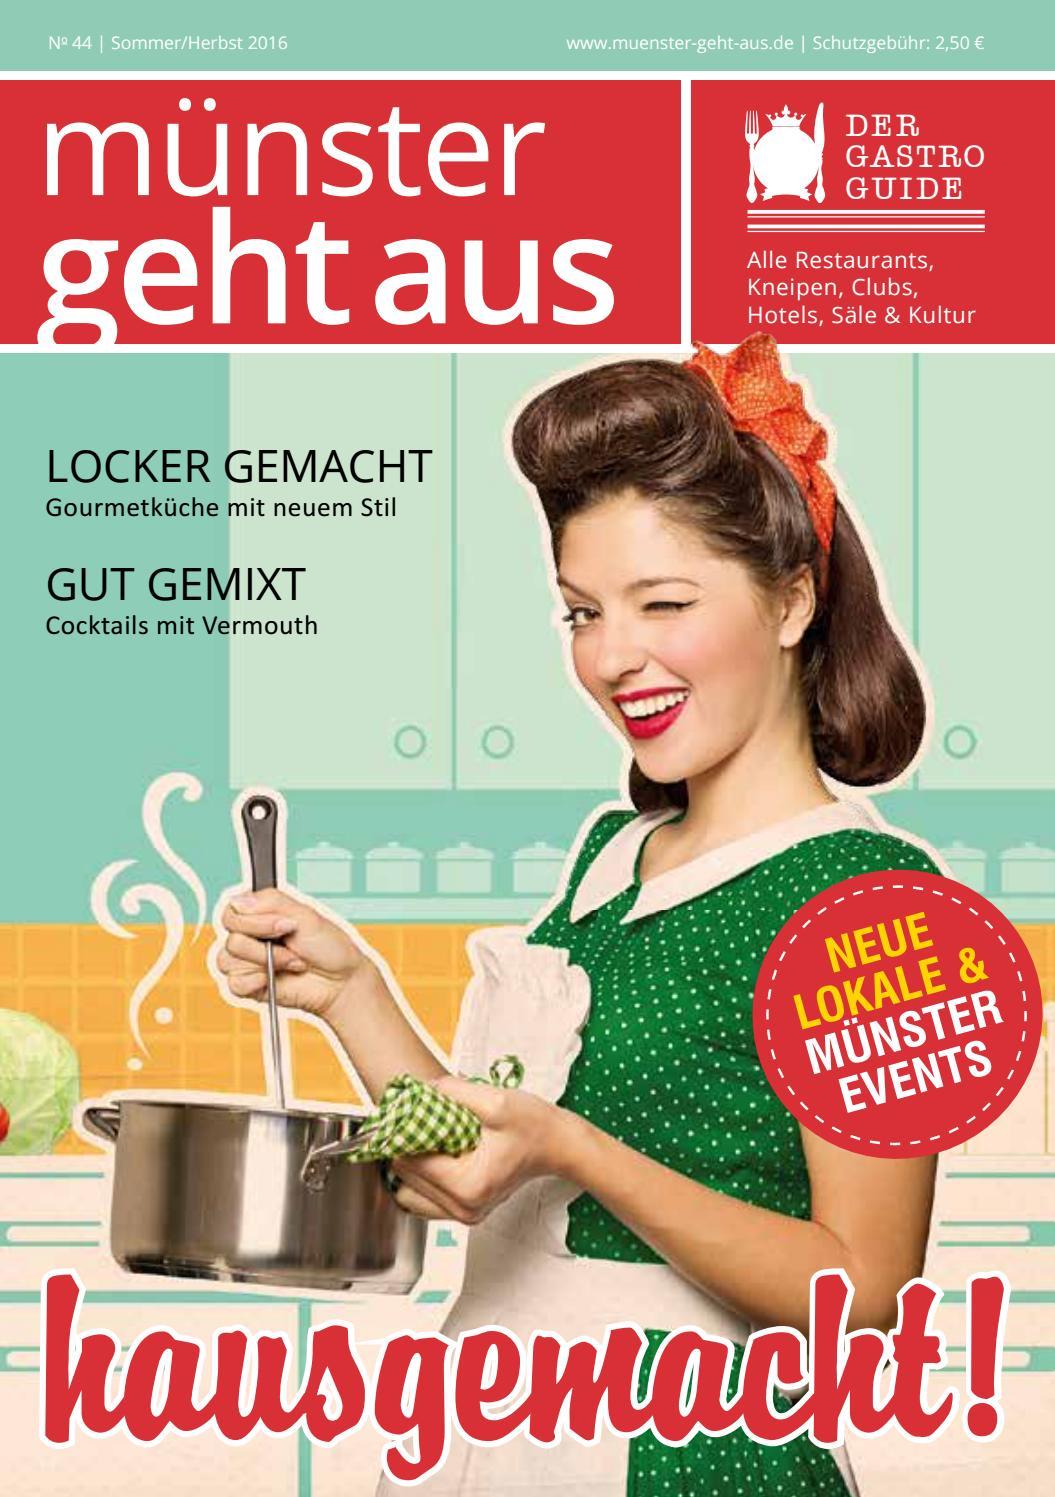 Münster Geht Aus - Sommer/Herbst Ausgabe 2016 by Tips Verlag GmbH ...